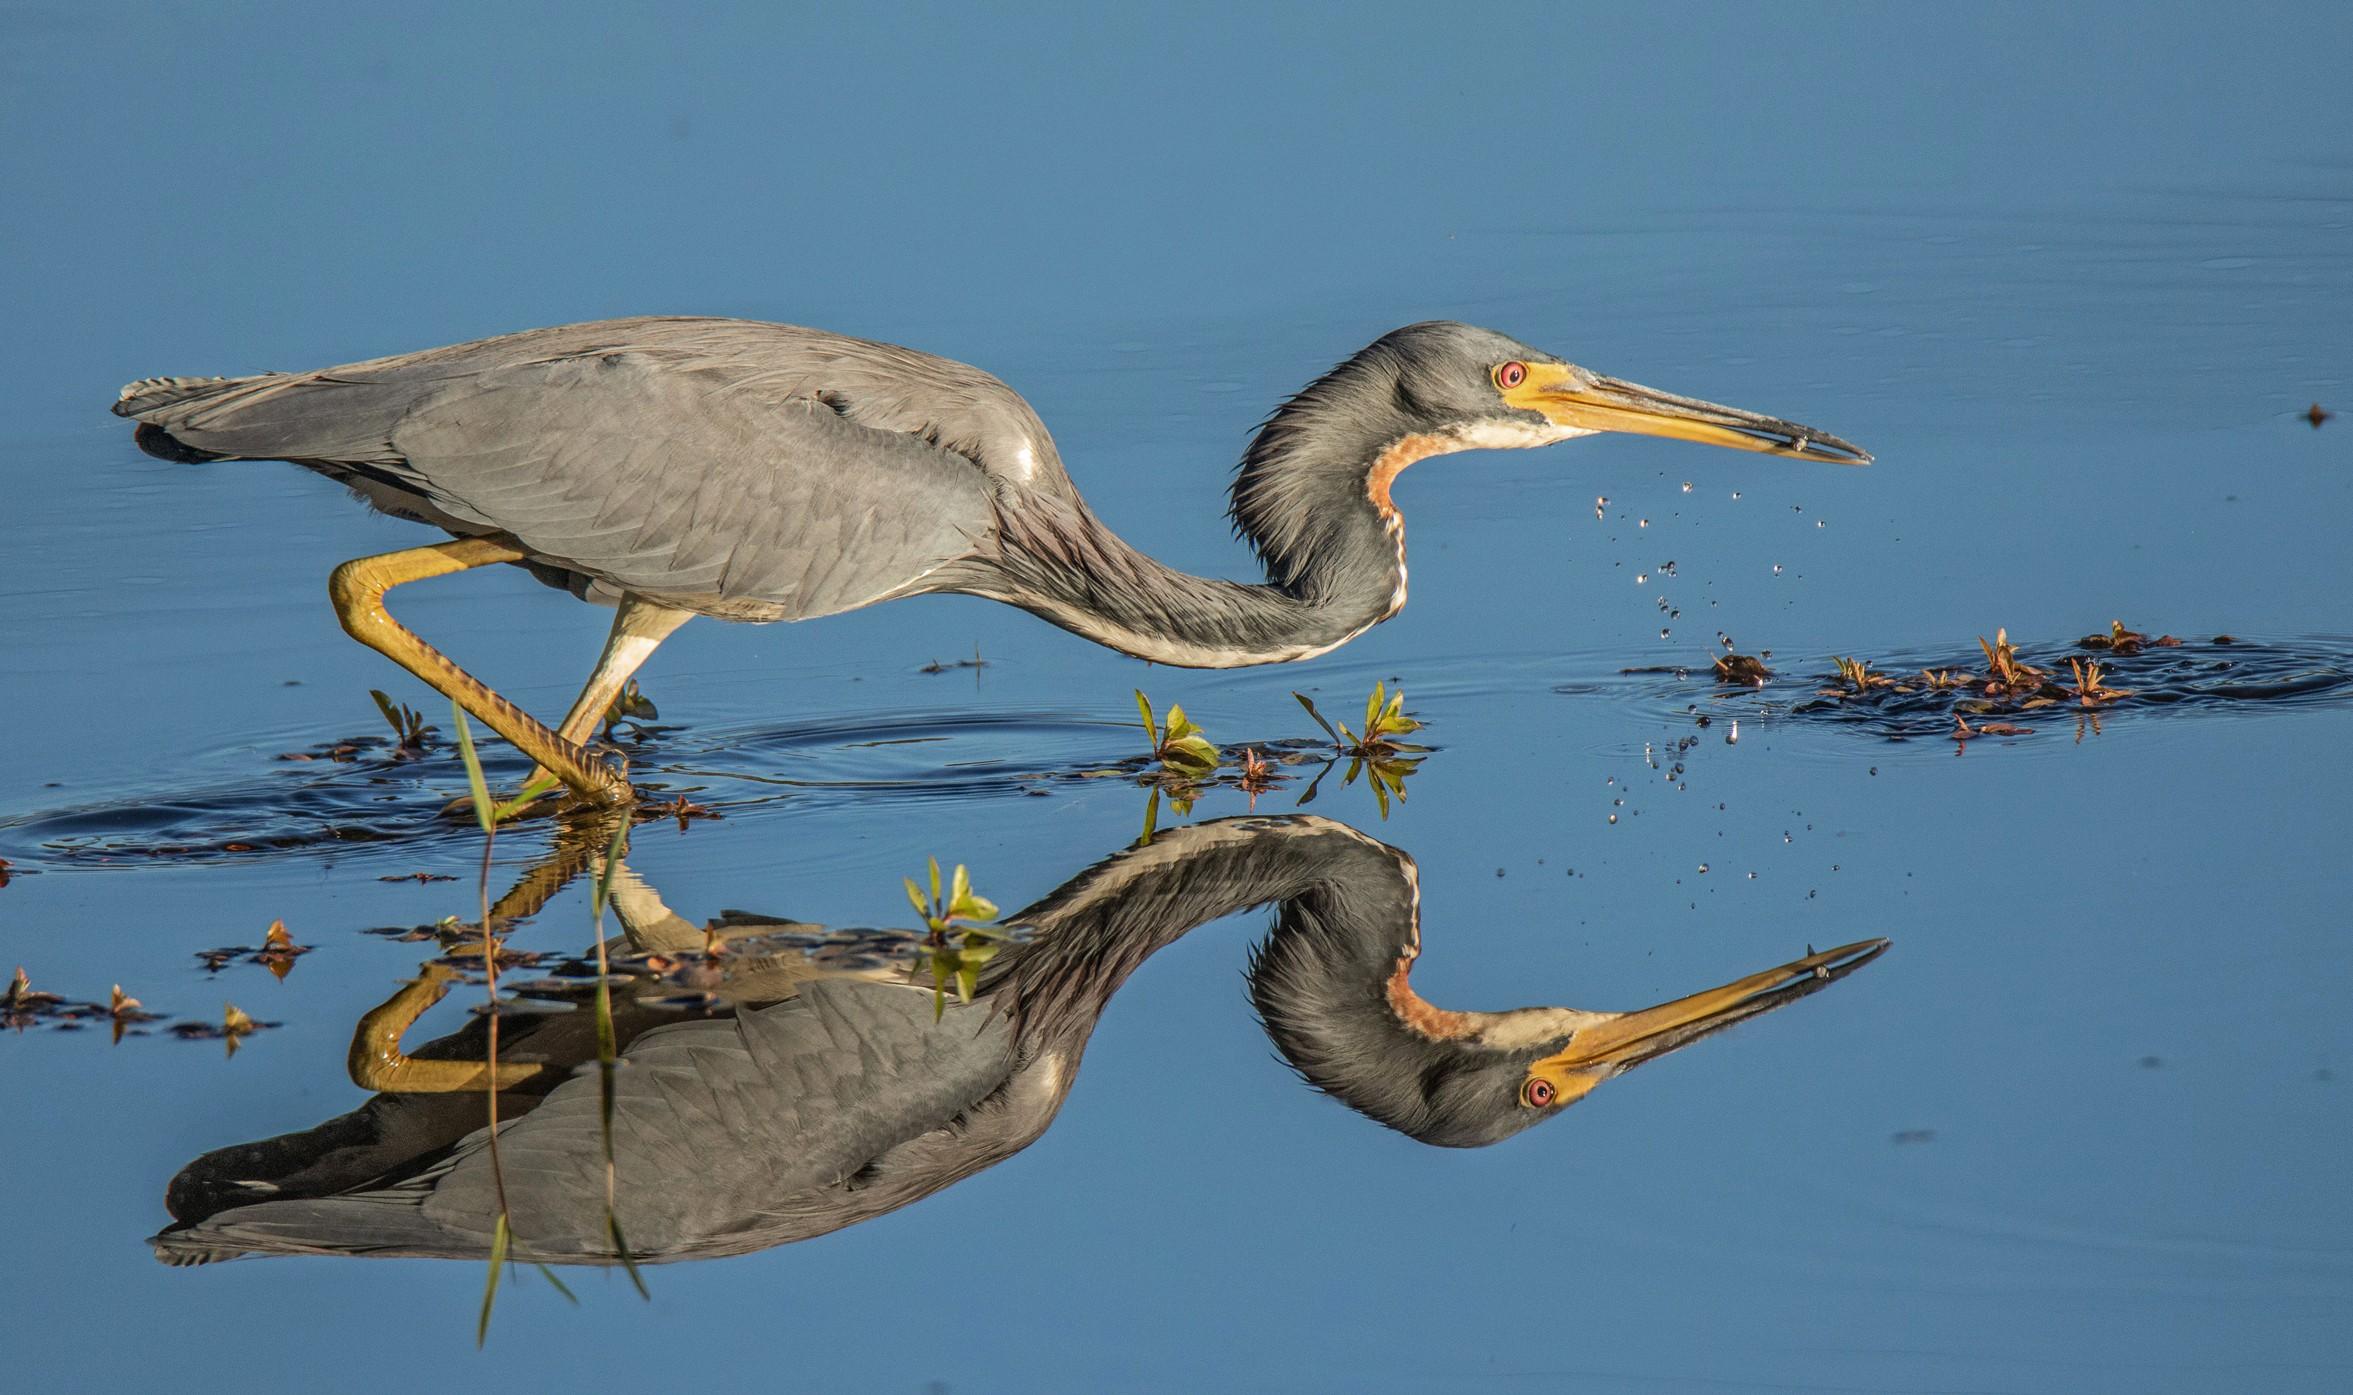 957-Tricolred-heron-hunting-(2)-f 3.jpg